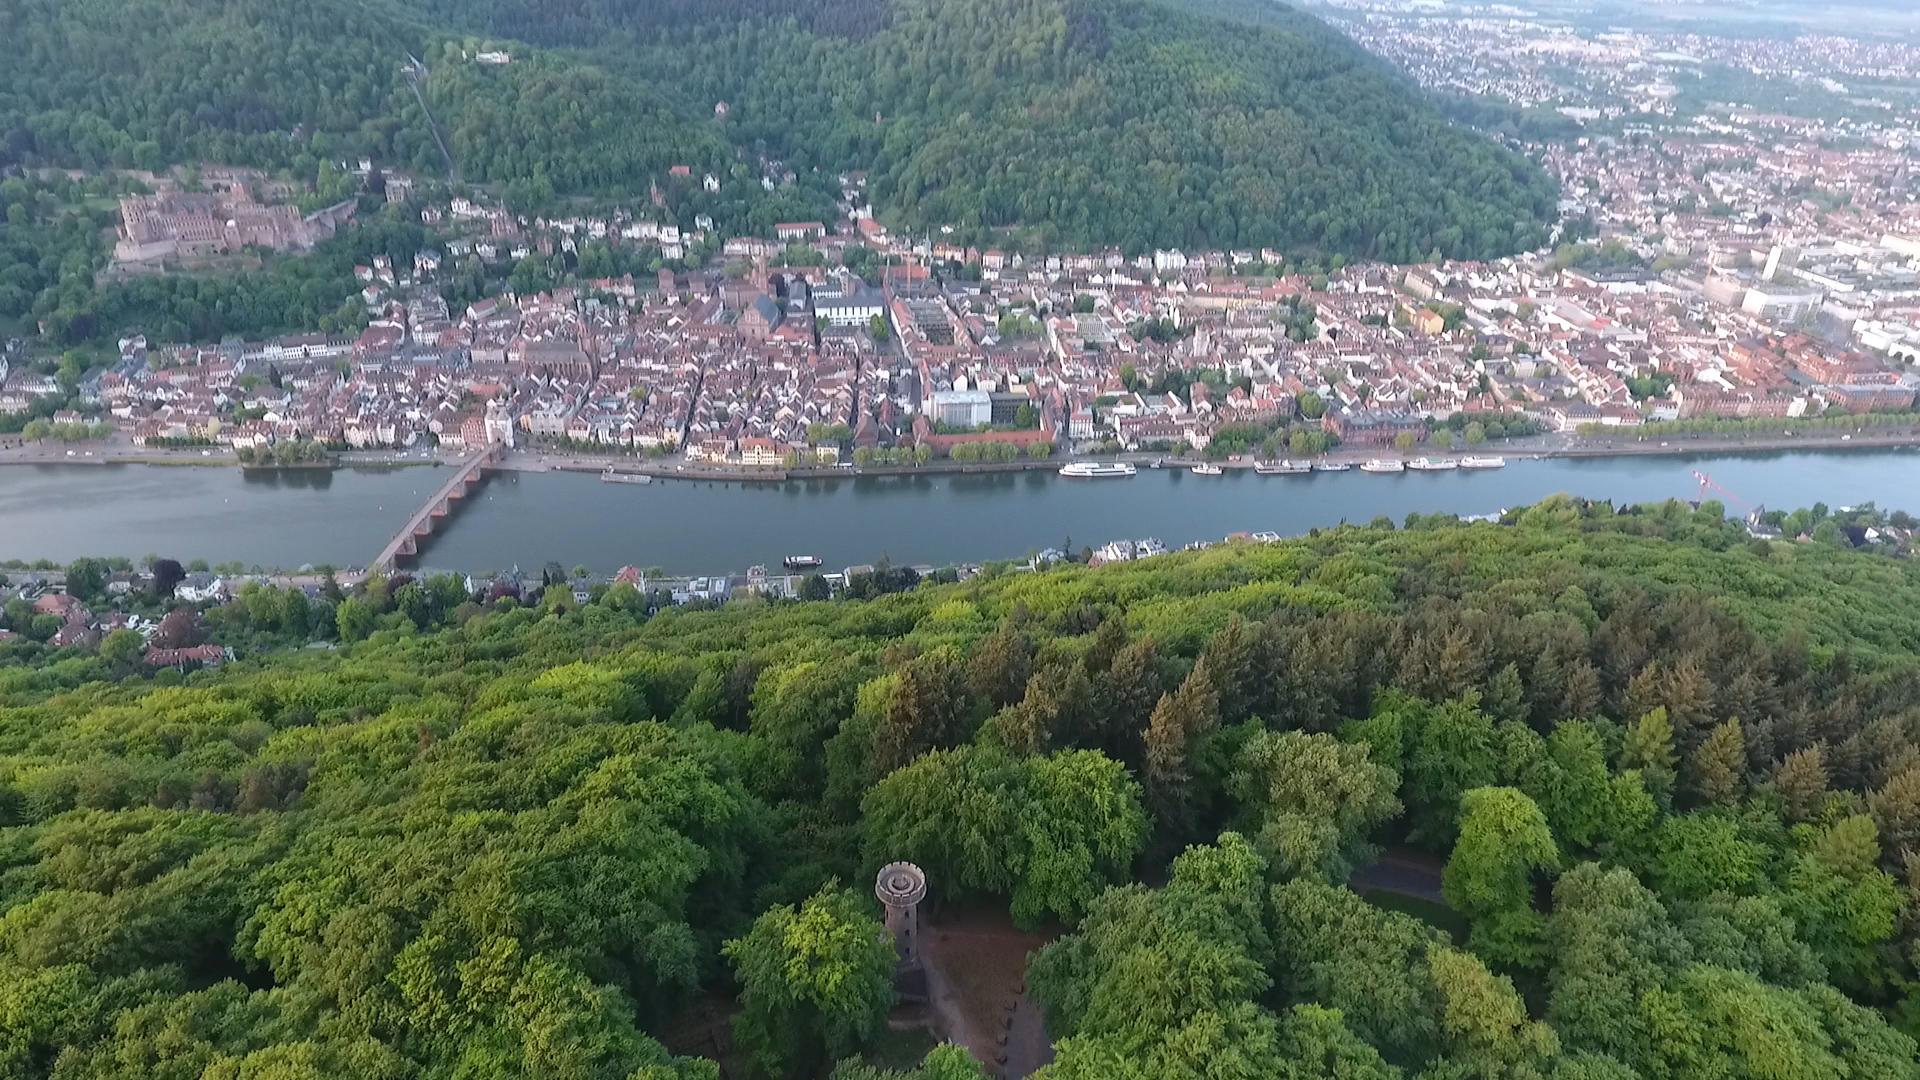 Größere Coronavirus-Ausbrüche in drei Alten- und Pflegeeinrichtungen im Rhein-Neckar-Kreis und der Stadt Heidelberg